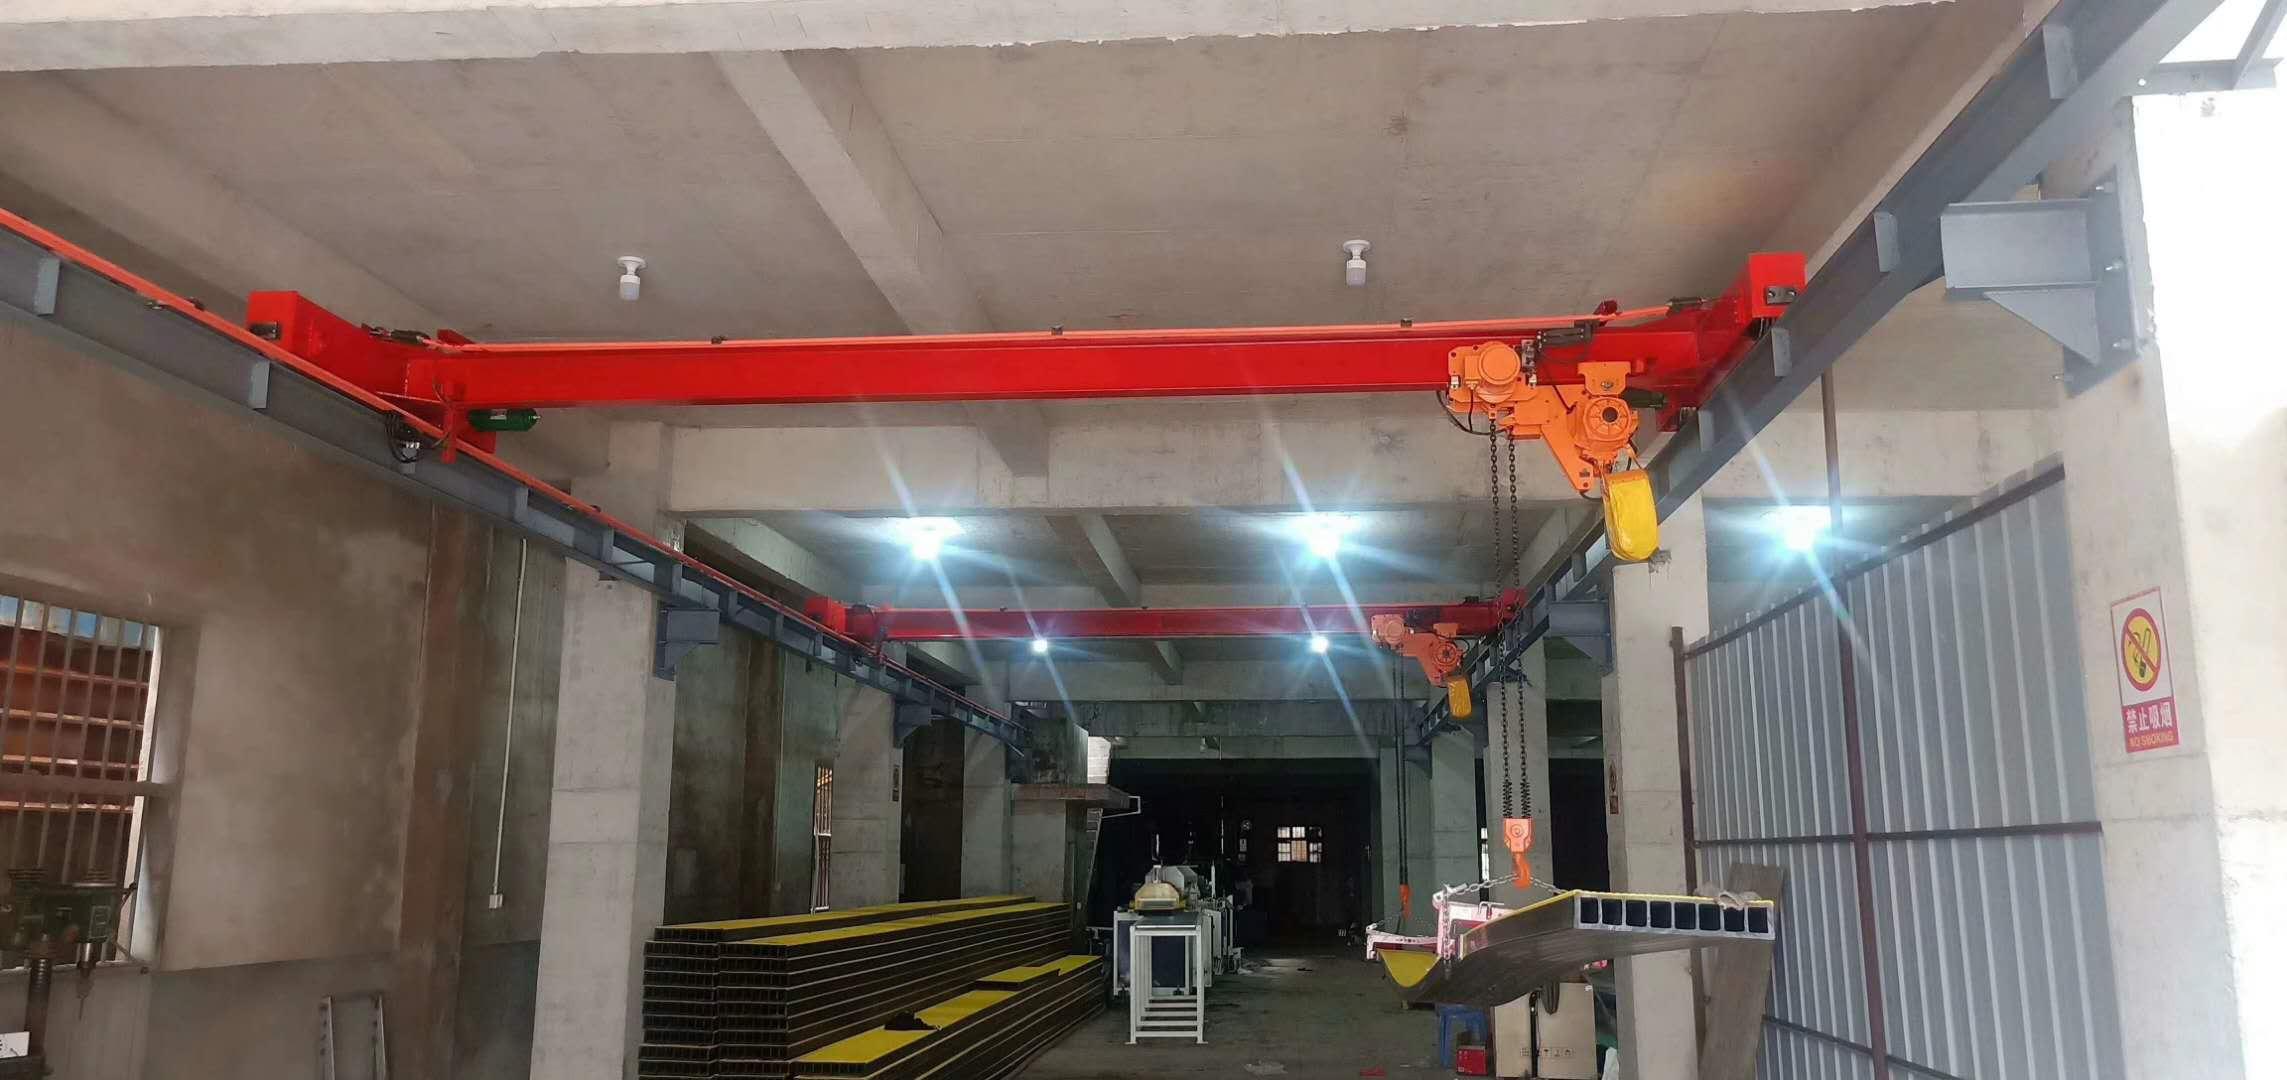 电机厂里的航吊,龙门吊100吨的多少钱,丰润航车生产企业